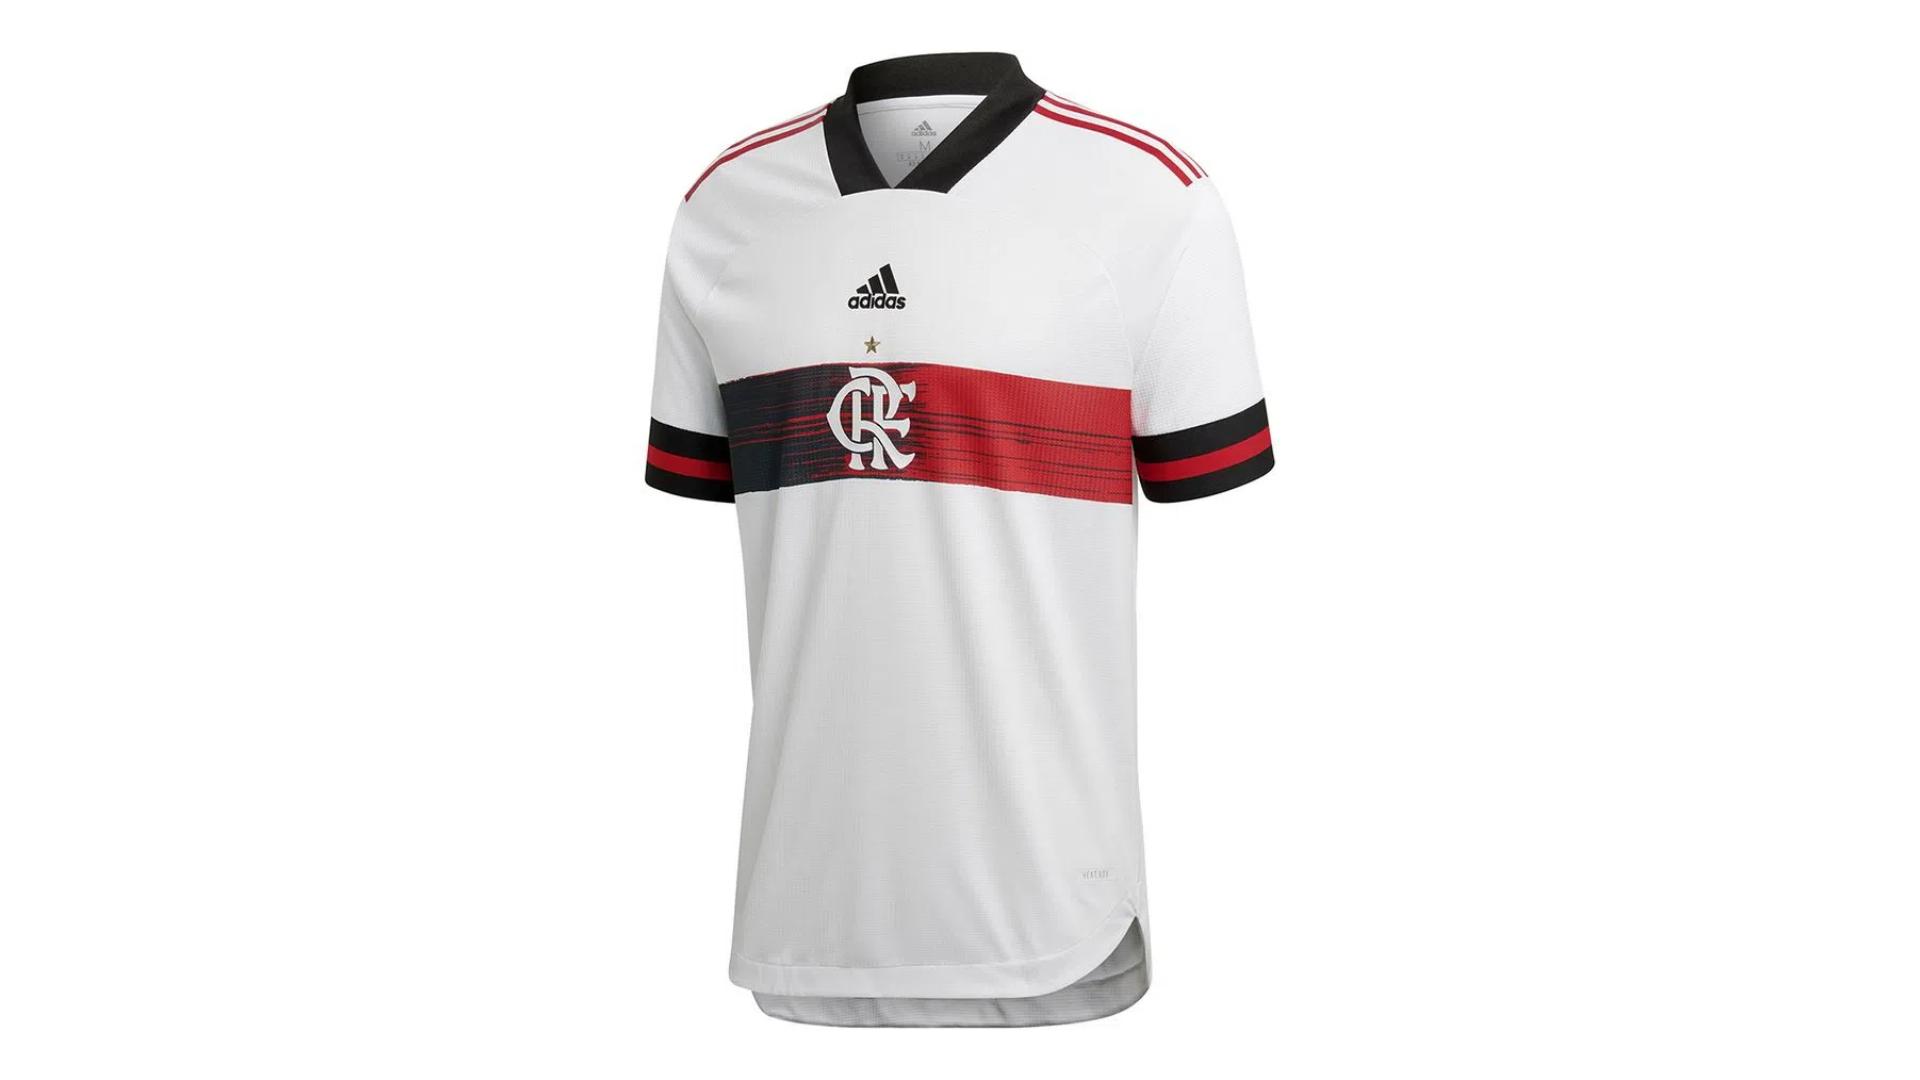 Camisa do Flamengo 2020 Adidas Jogo 2 (Imagem: Divulgação/Adidas)